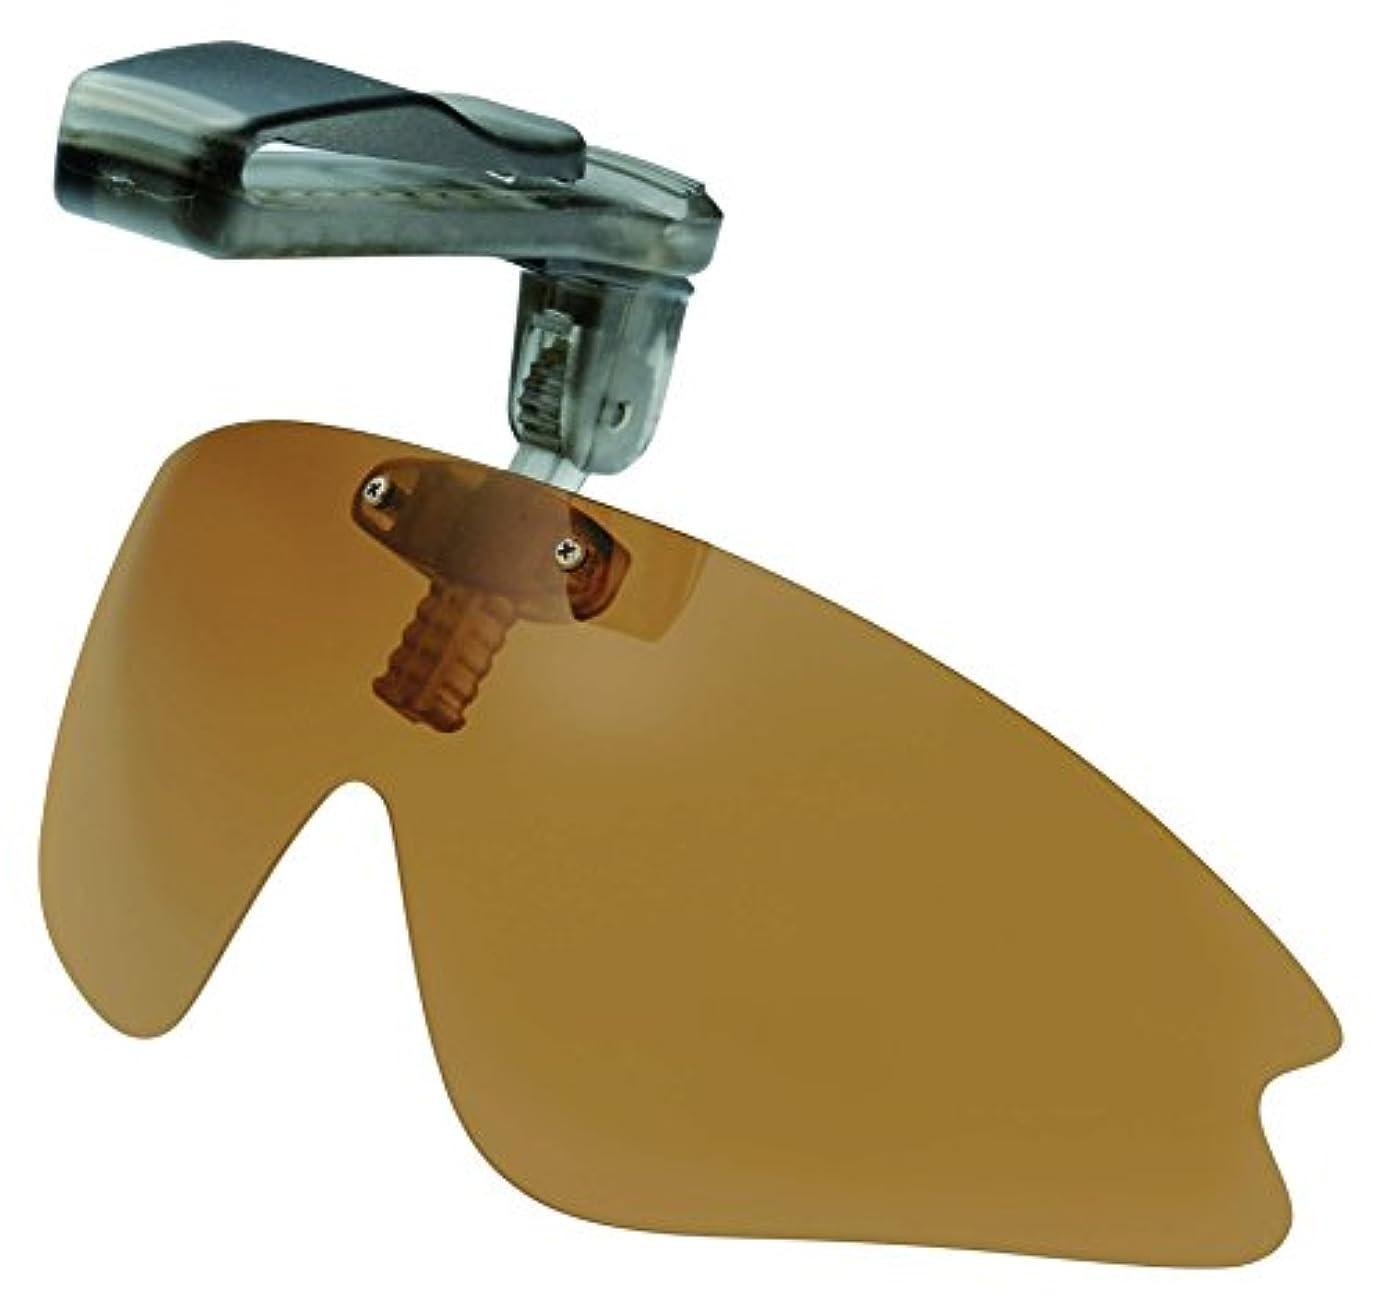 謙虚なモーター先冒険王(Boken-Oh) サングラス 帽子用 キャップシェーダー PBC-05B